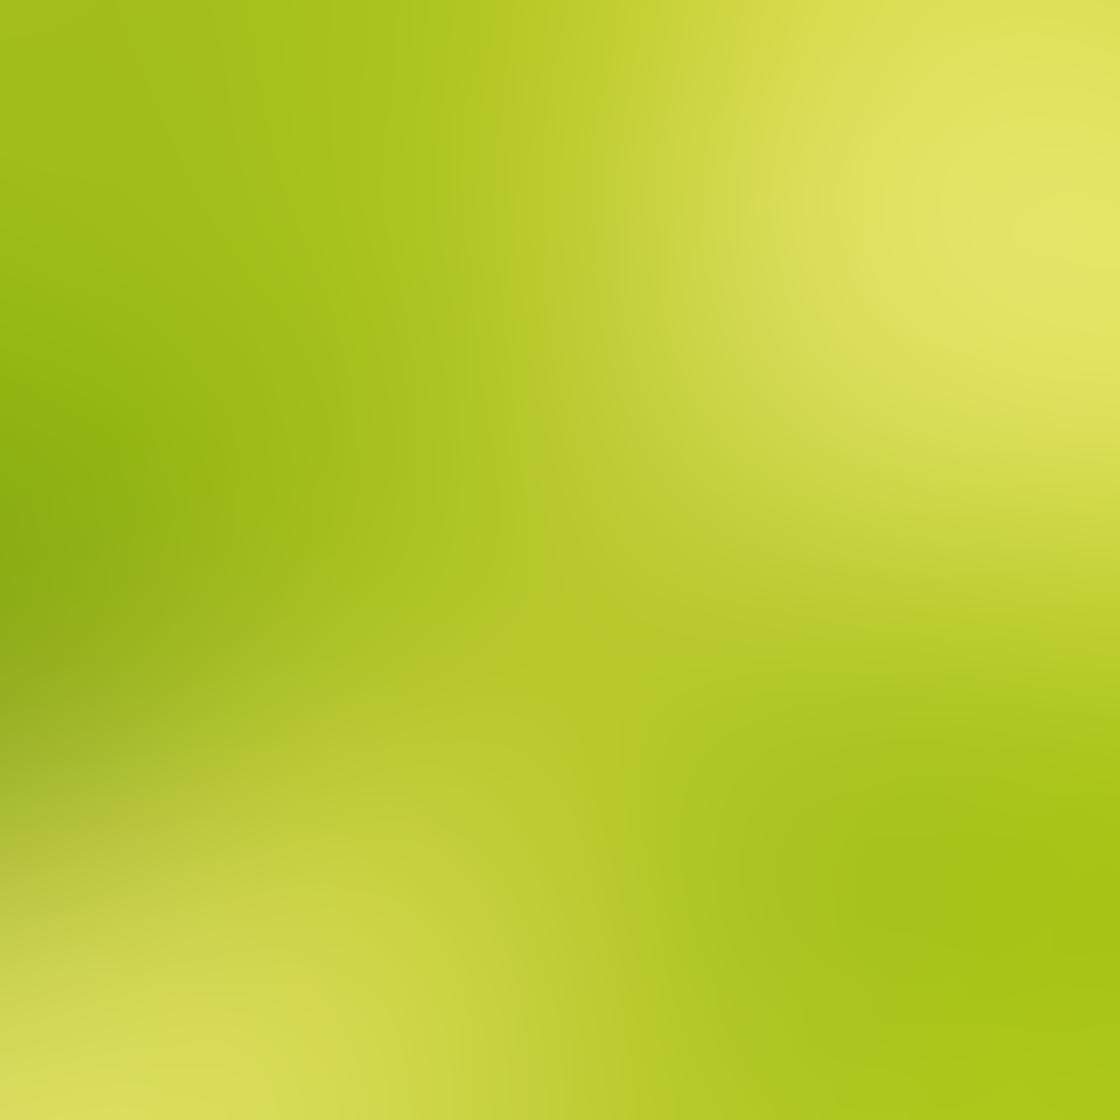 Green iPhone Photos 15